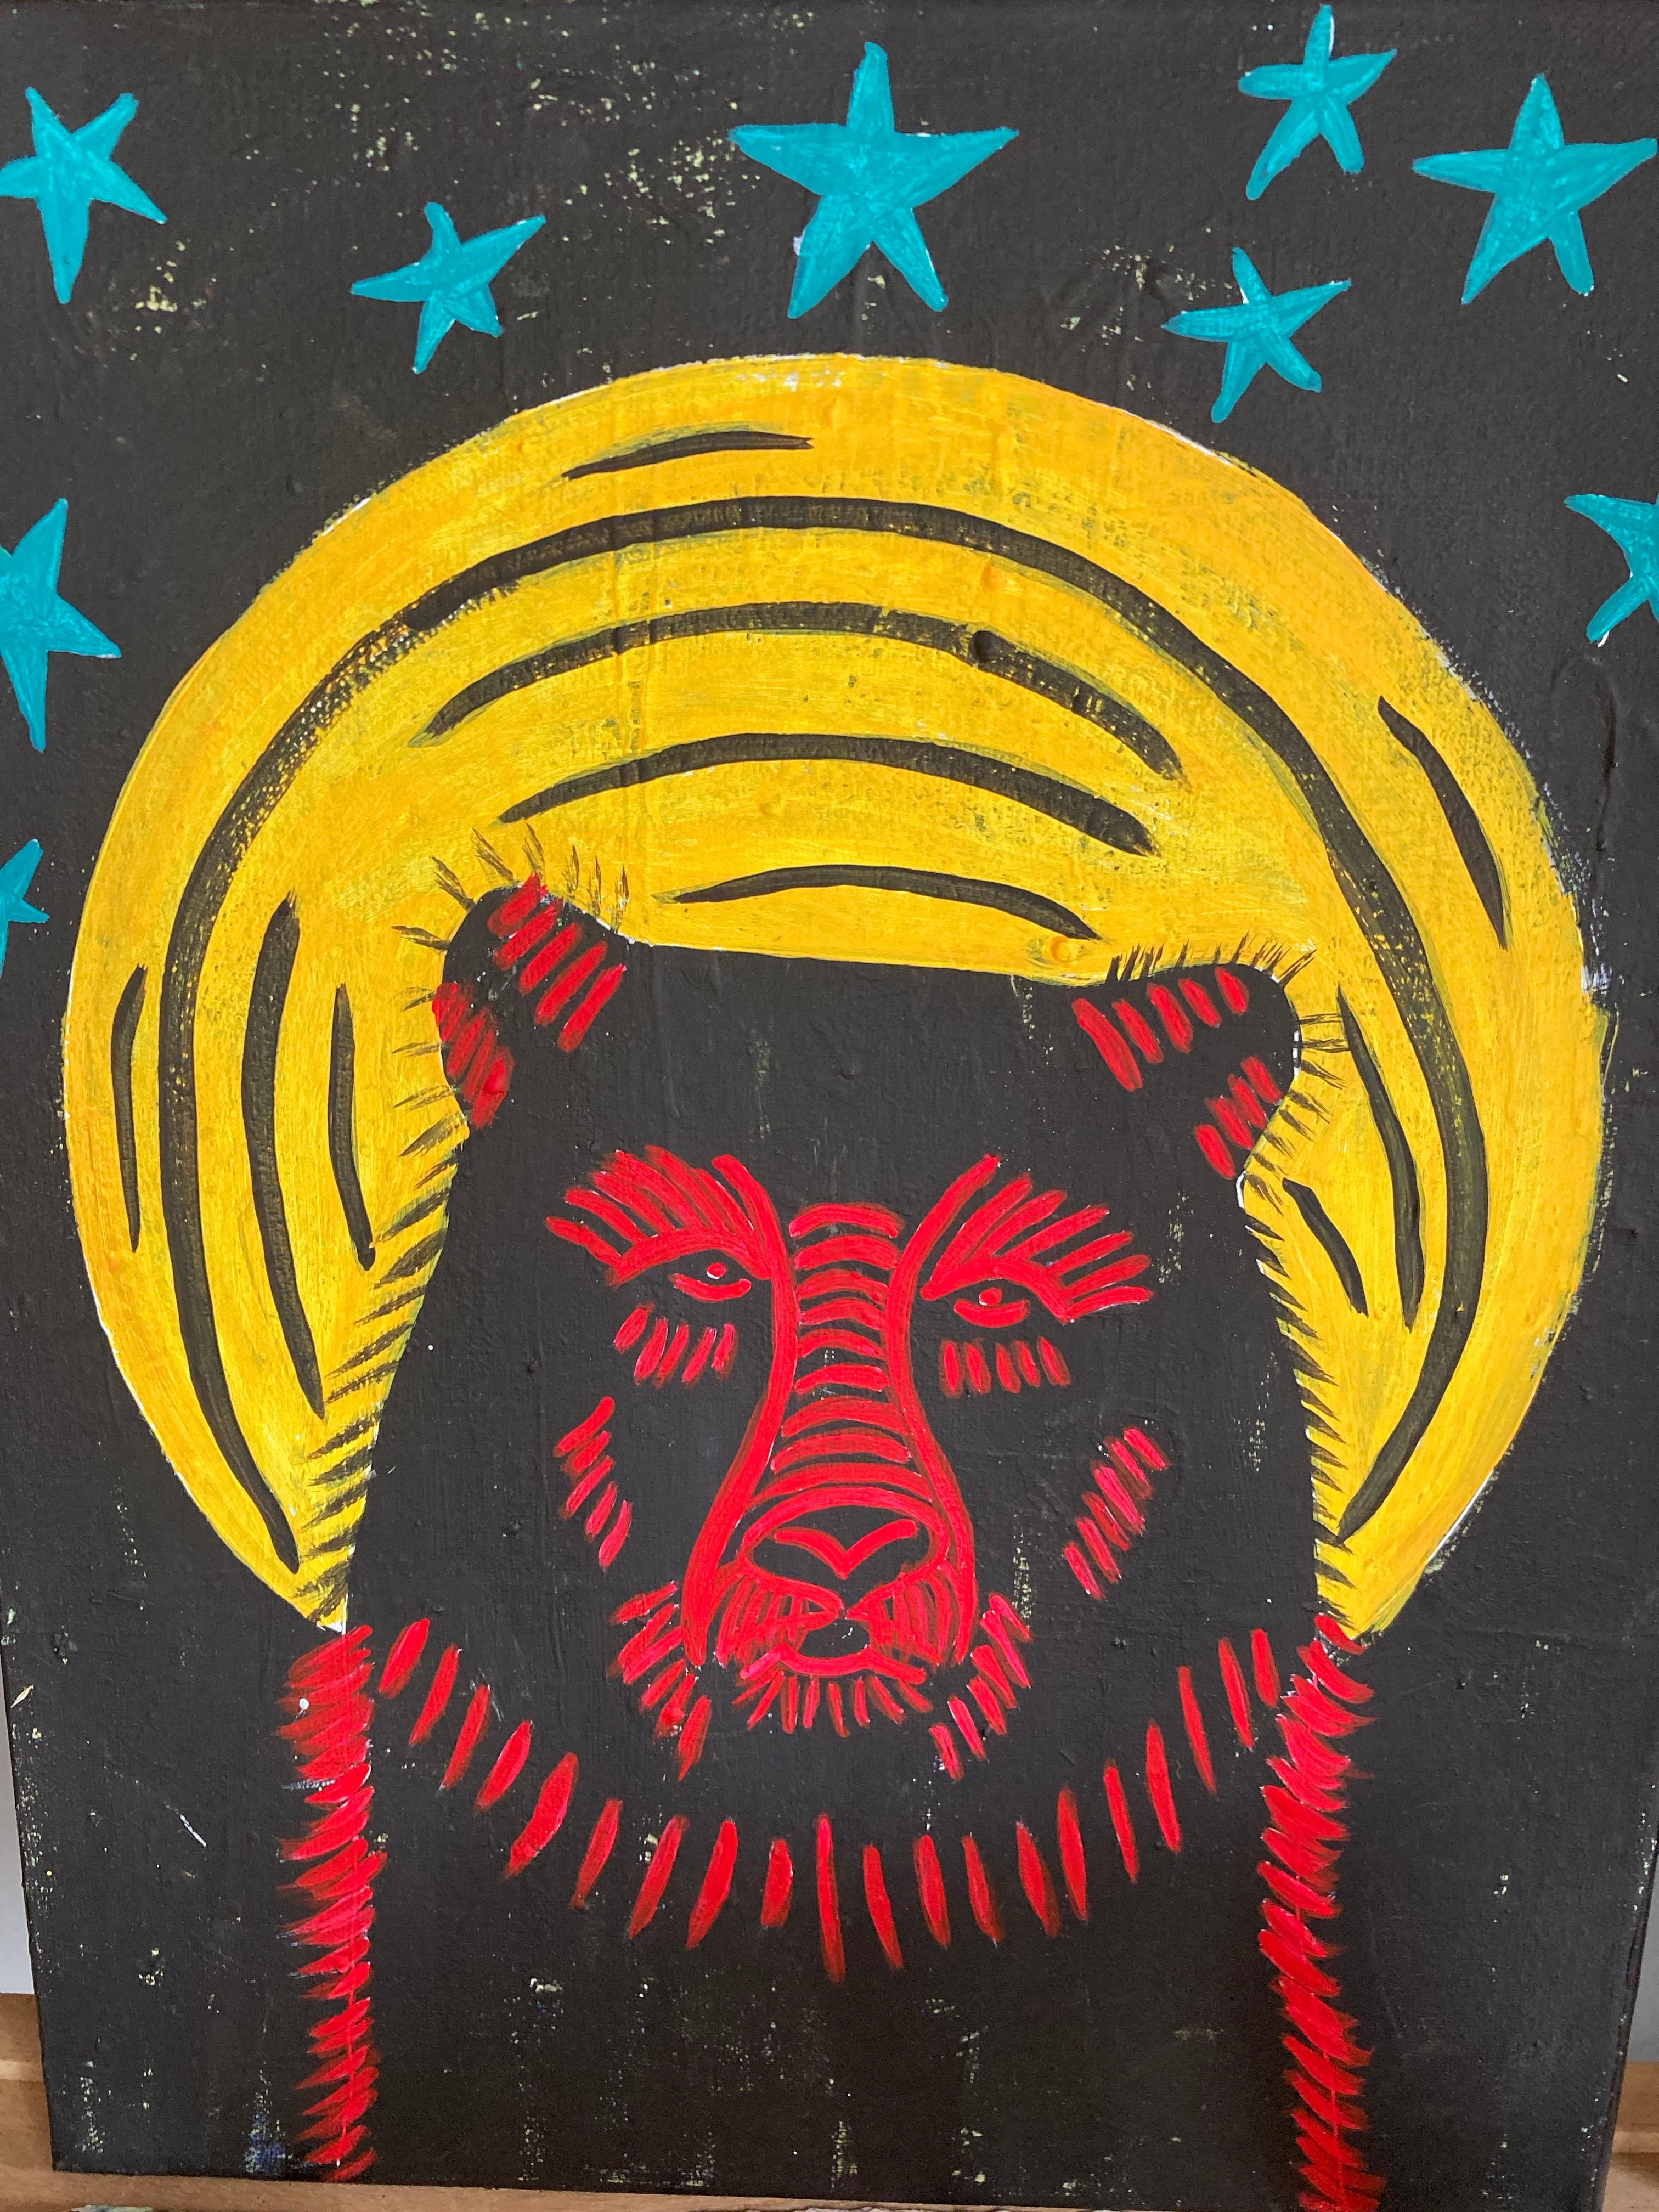 Bear 9/15 @ 5:39